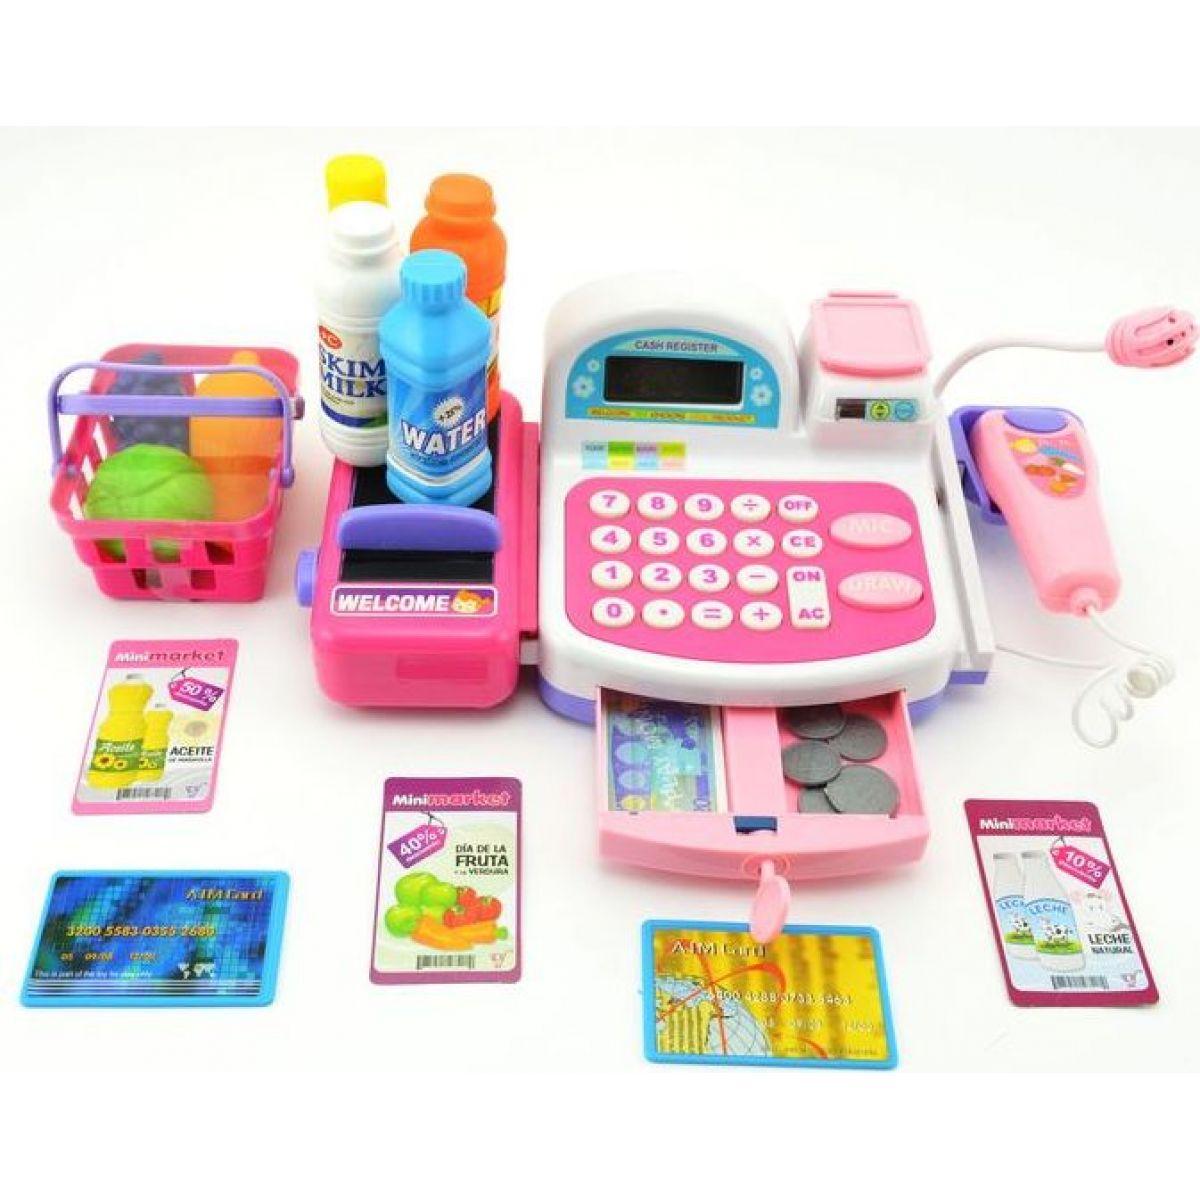 Pokladna digitální s nákupními doplňky